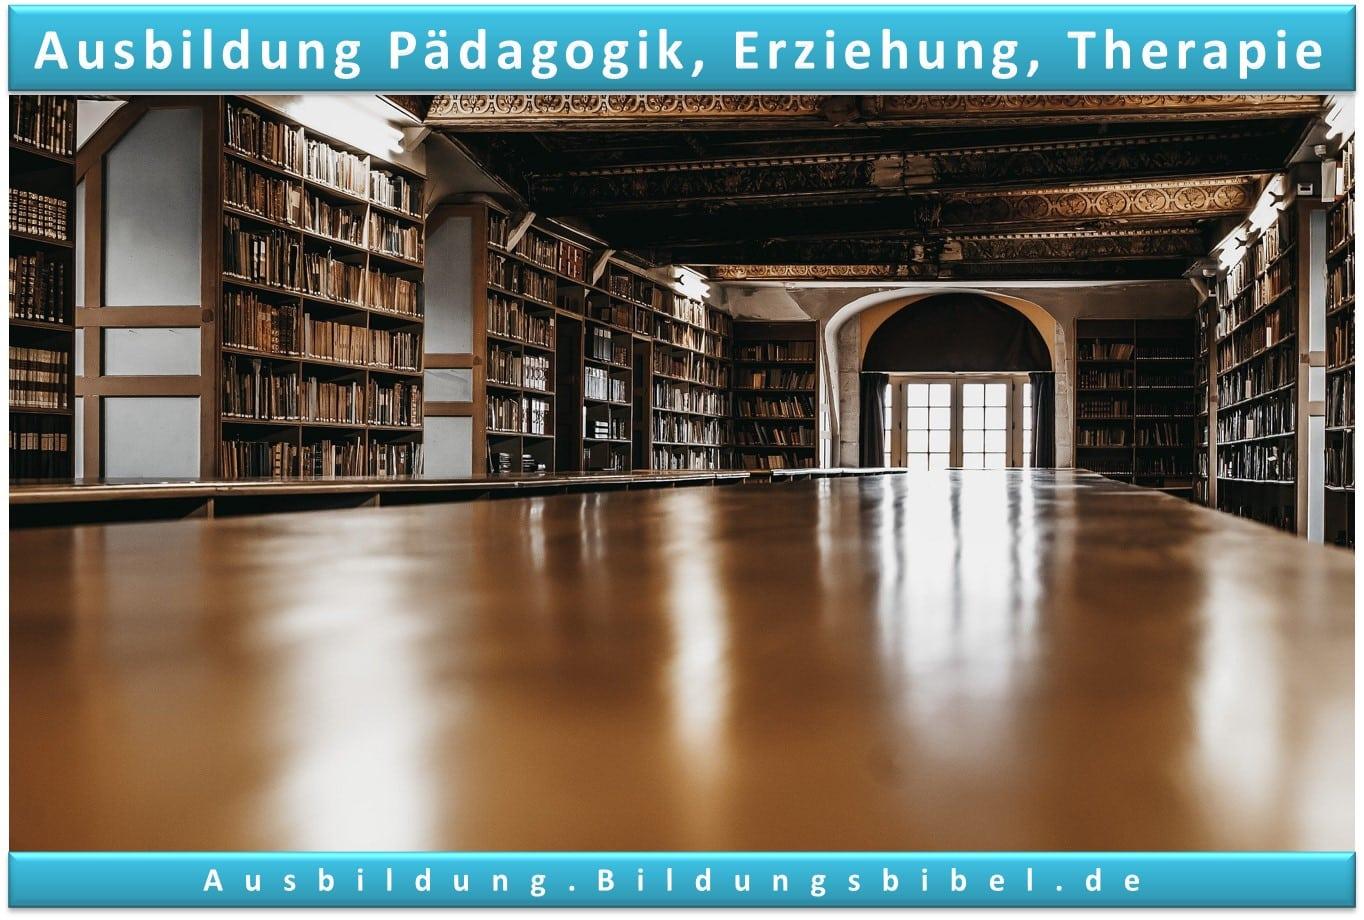 Die Ausbildung in der Pädagogik, Erziehung oder Therapie Voraussetzungen, Inhalte, Gehalt, Dauer sowie Zukunft zum Ausbildungsberuf